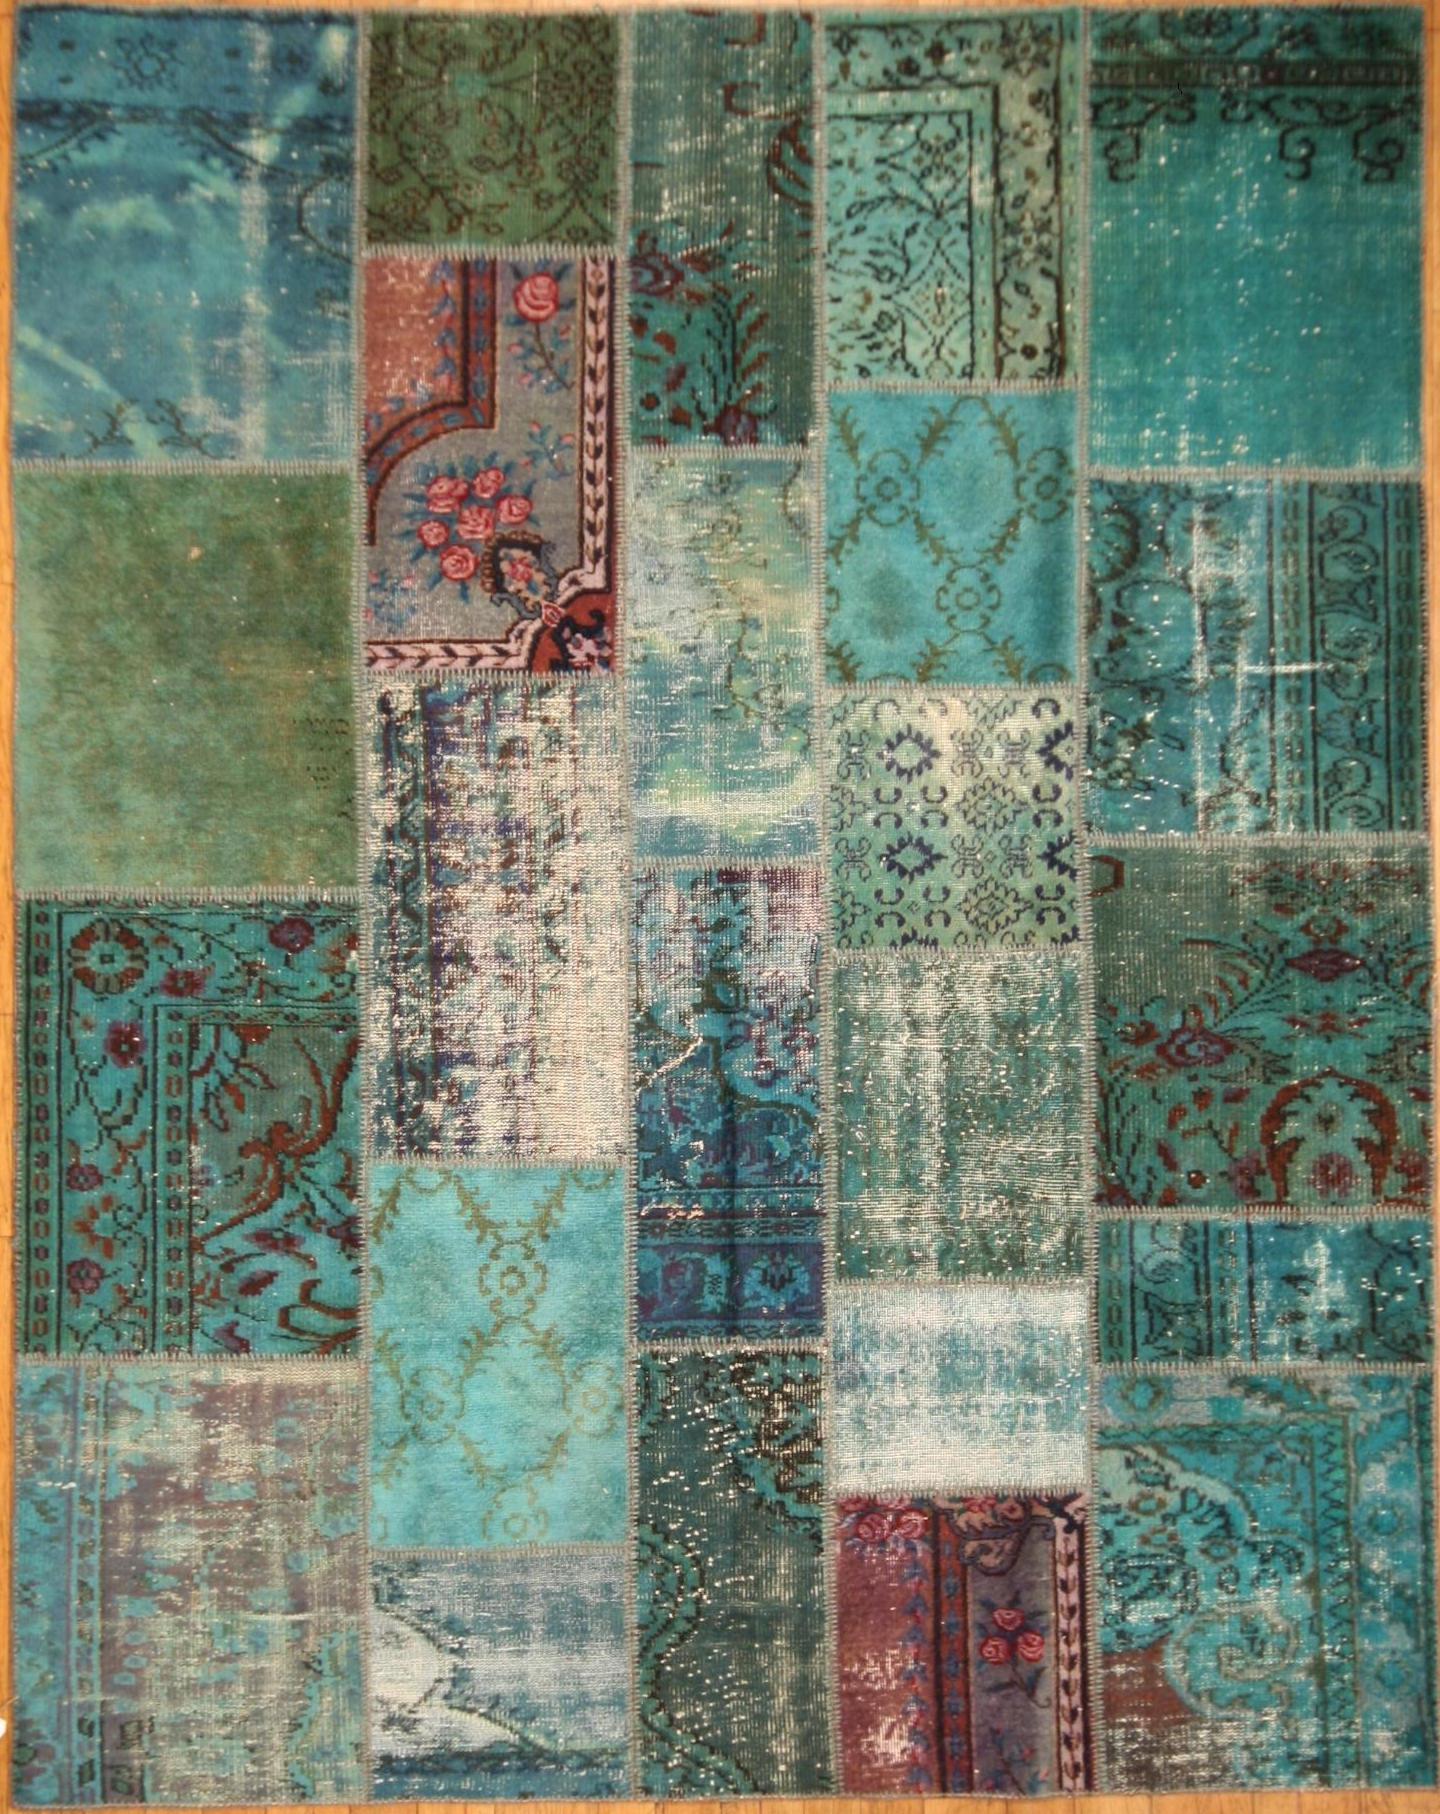 Nuova tendenza dei tappeti patchwork colori acidi il blog dei tappeti - Tappeti moderni verde acido ...